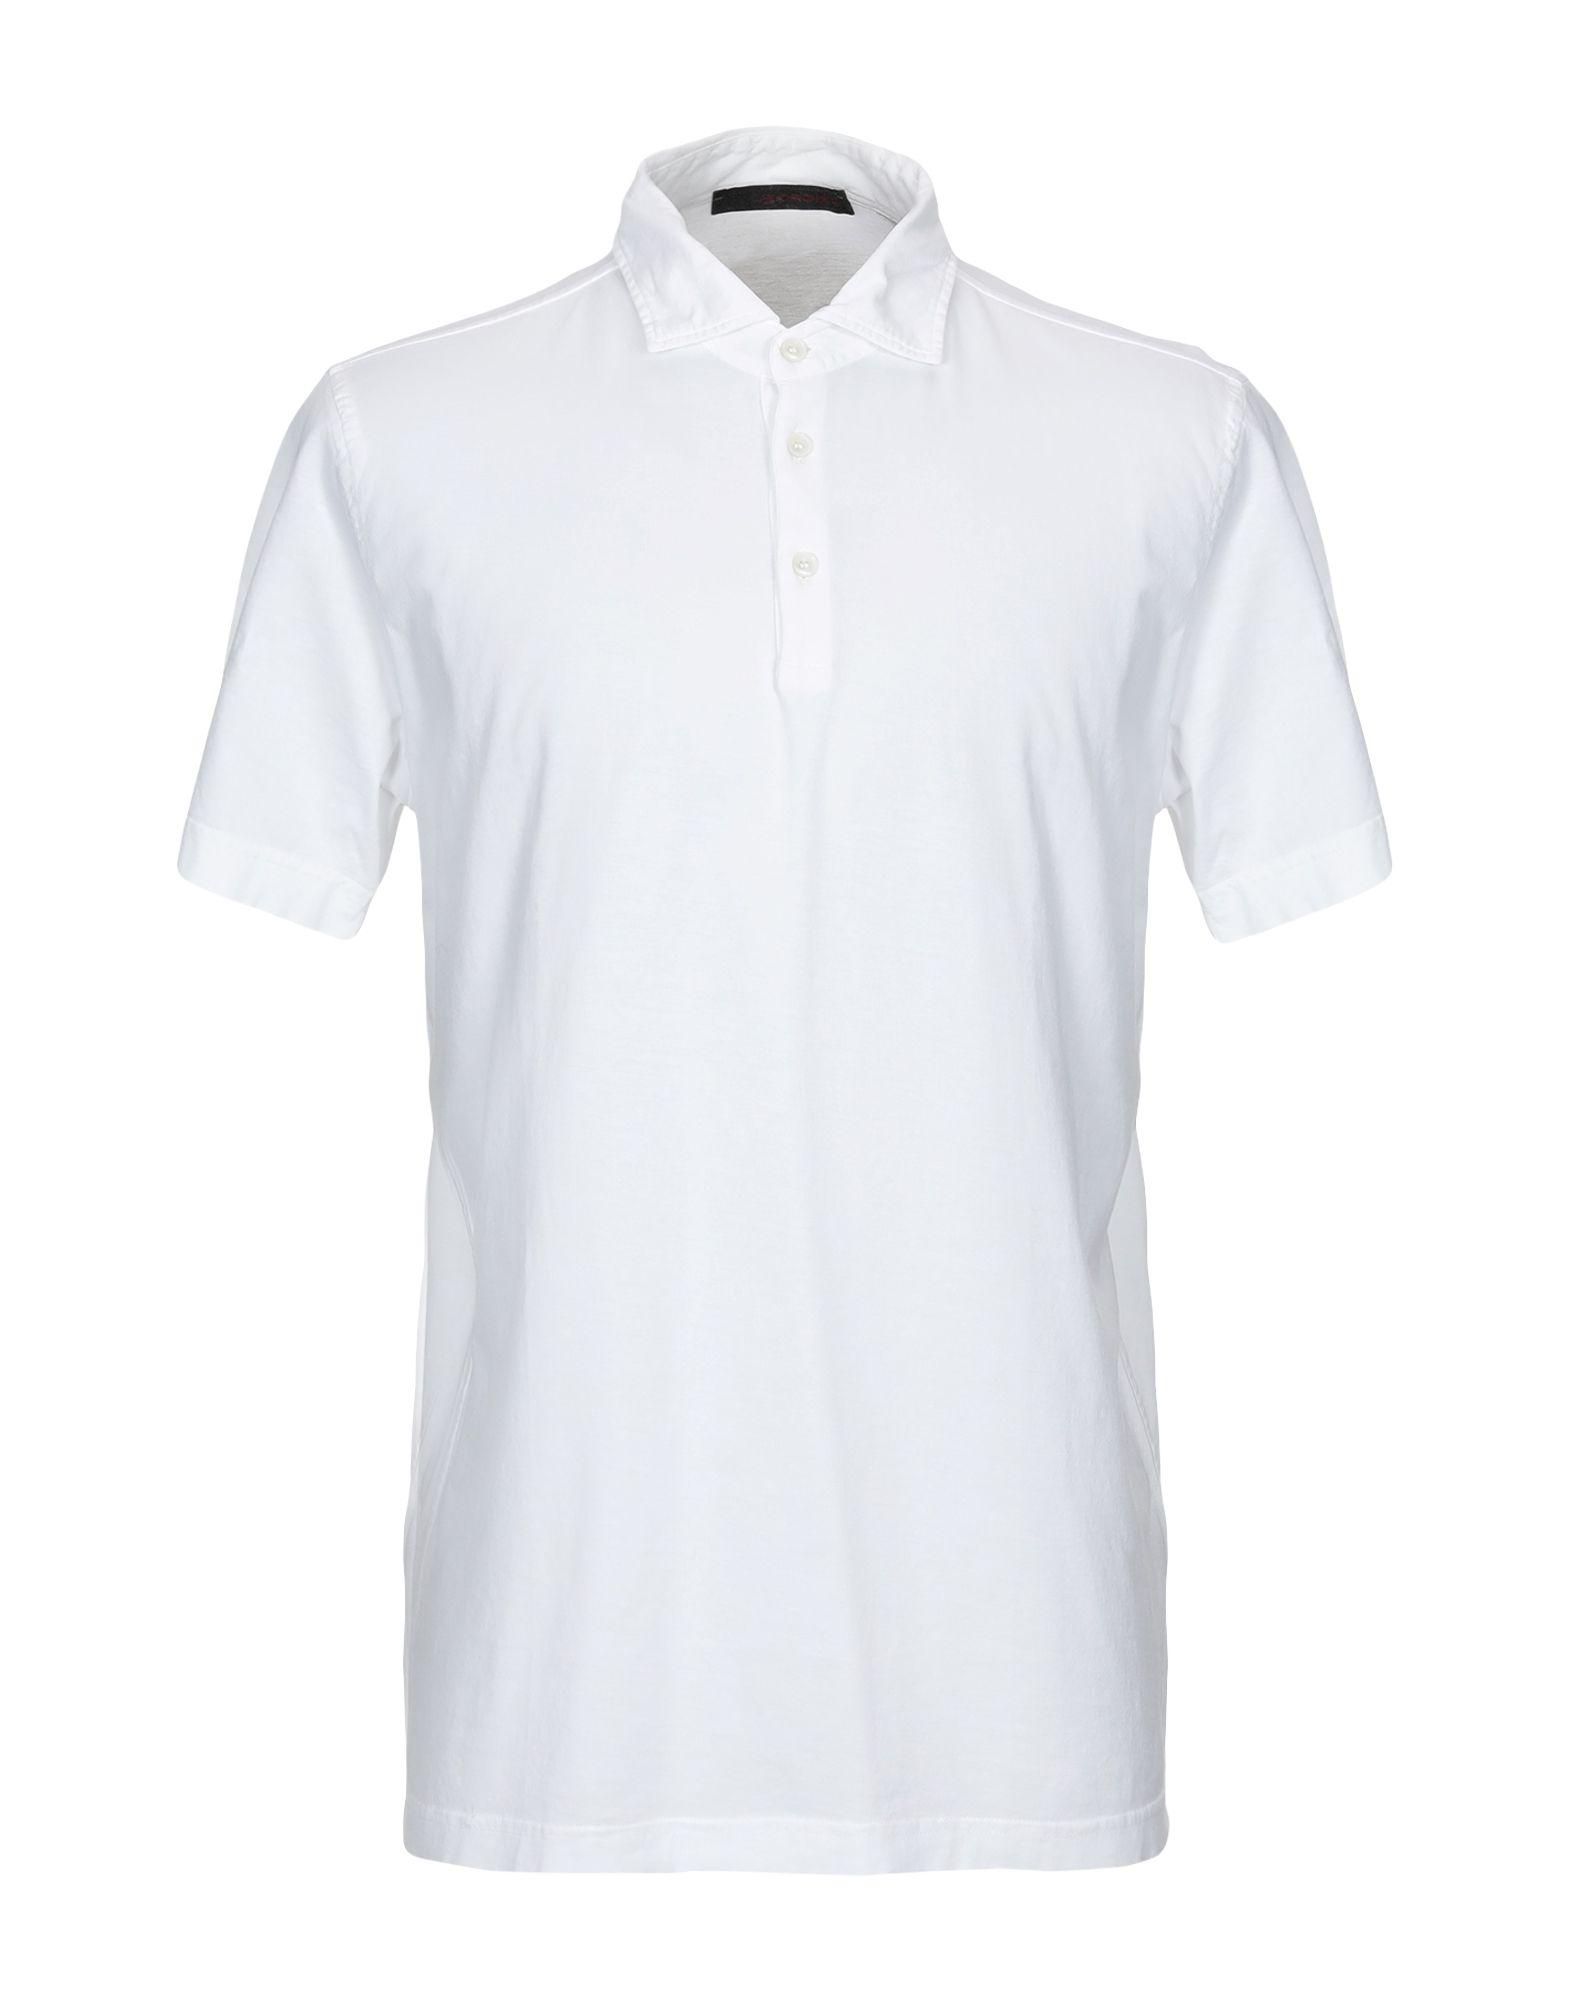 《セール開催中》JEORDIE'S メンズ ポロシャツ ホワイト M スーピマ? 100%